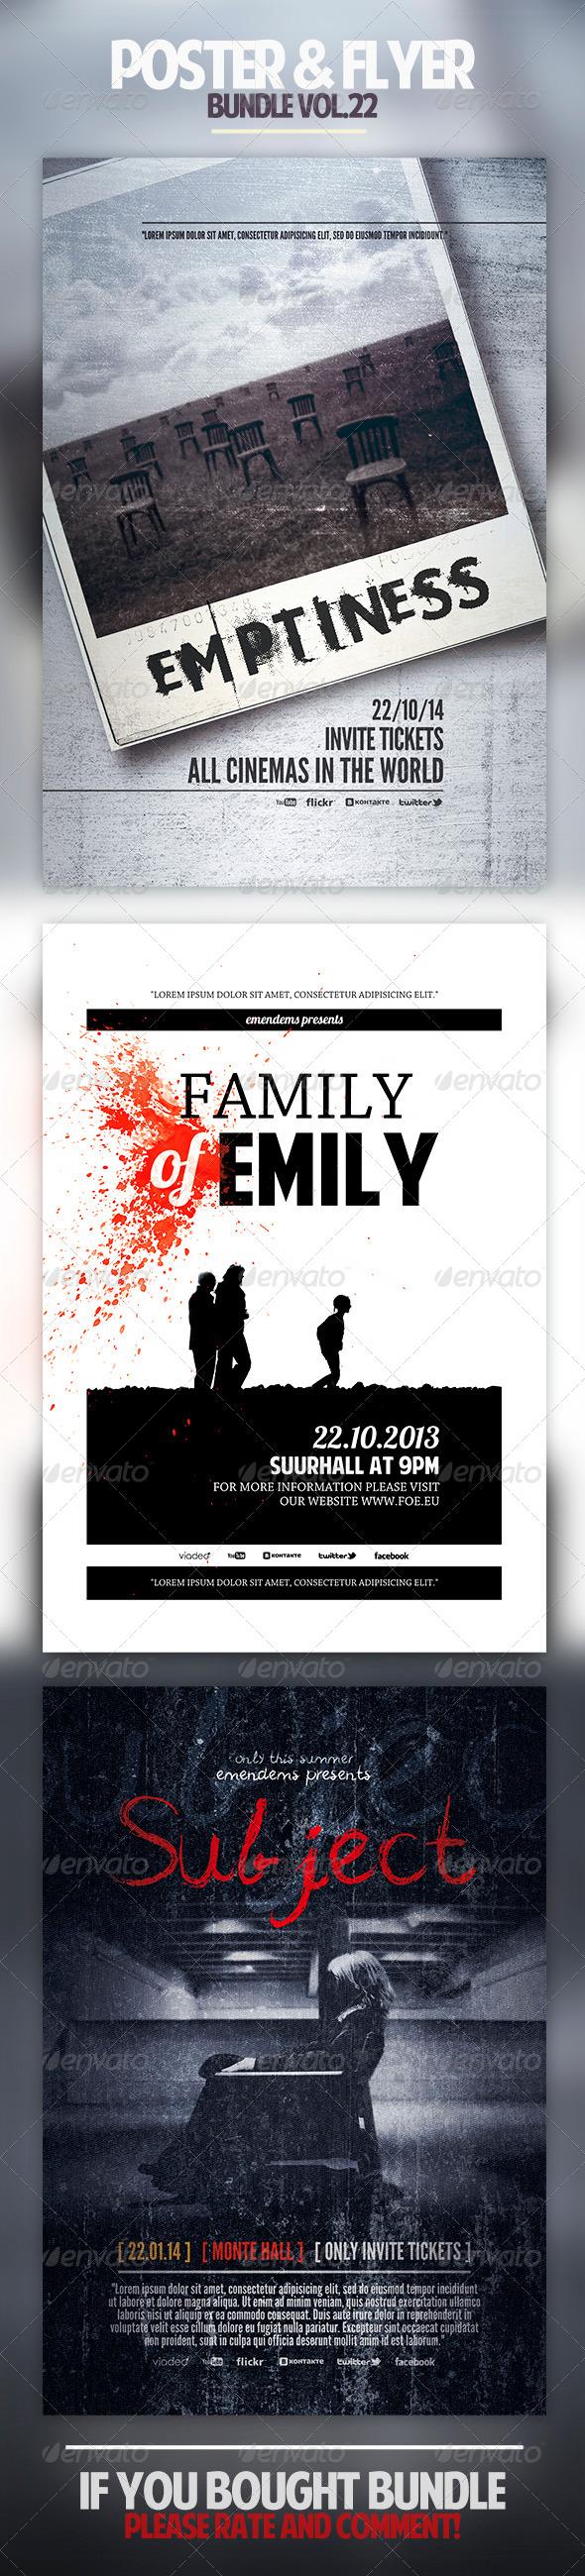 Poster & Flyer Bundle Vol.22 - Miscellaneous Events